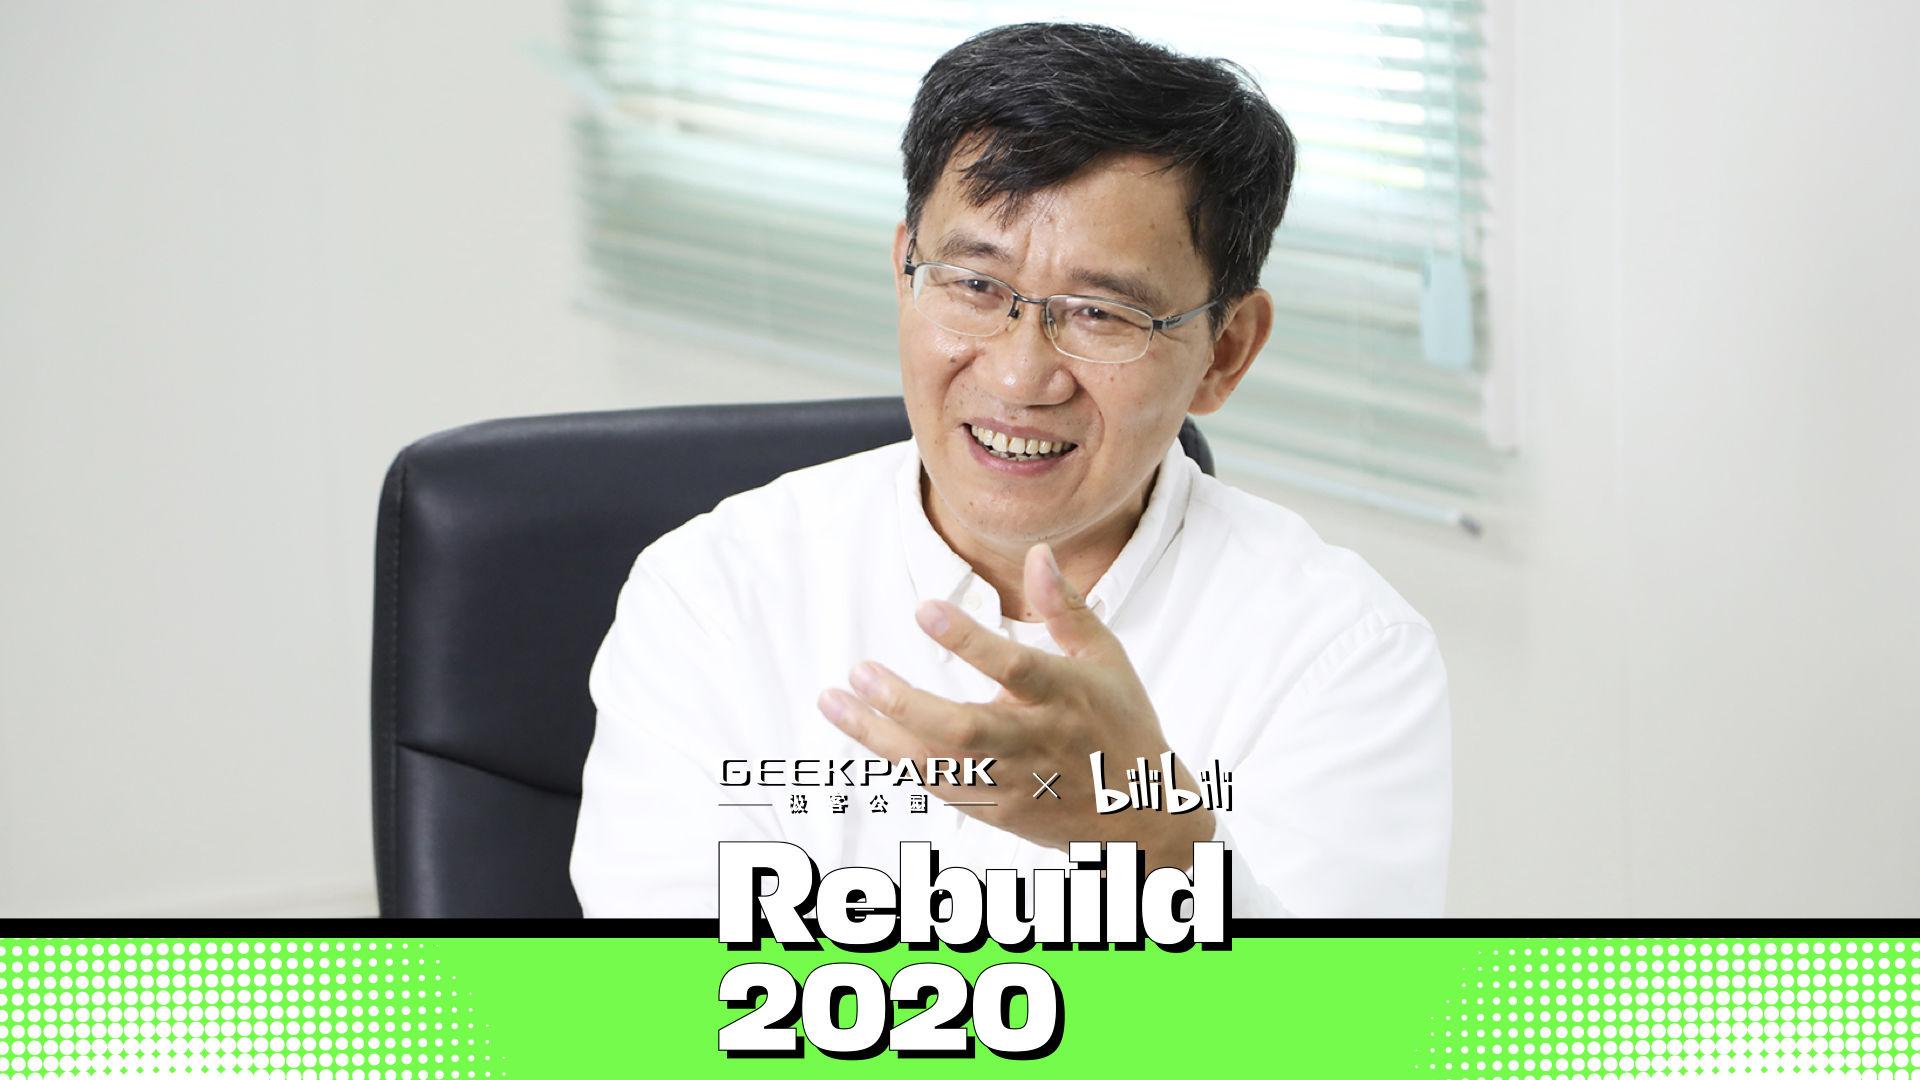 硬科技创业教父李泽湘:创业,最要紧是好玩